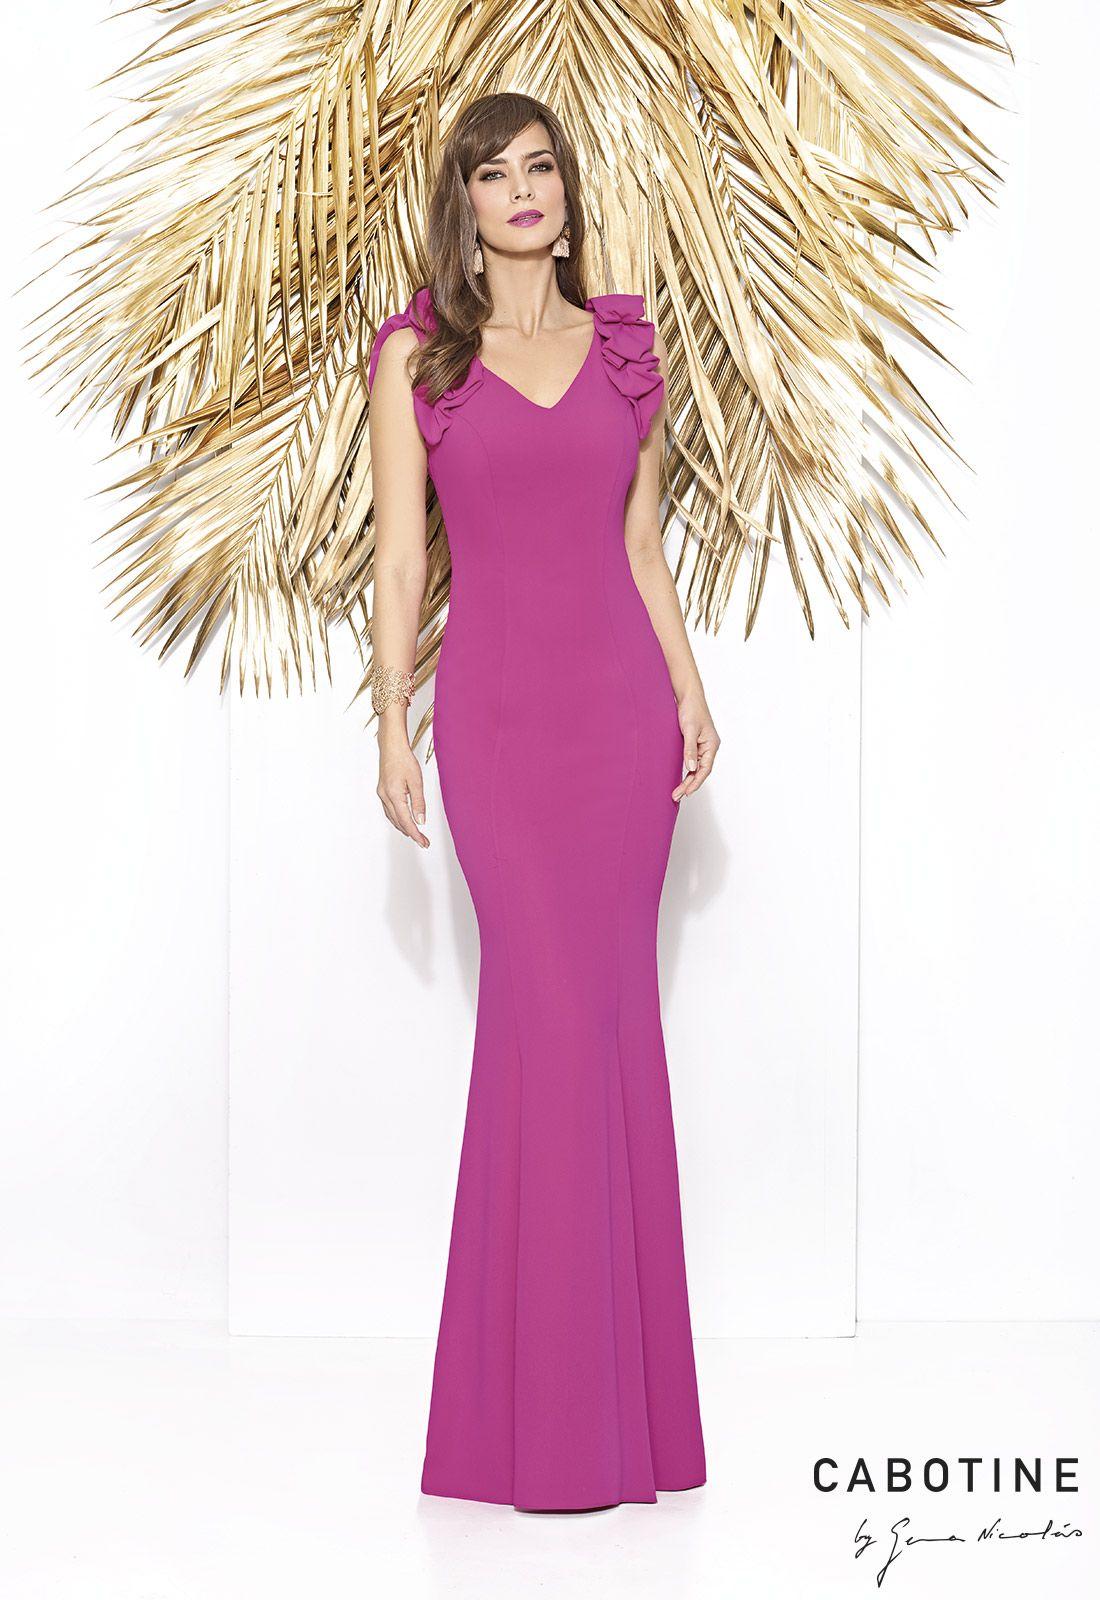 Asombroso Vestidos De Cóctel Raleigh Nc Modelo - Ideas de Estilos de ...